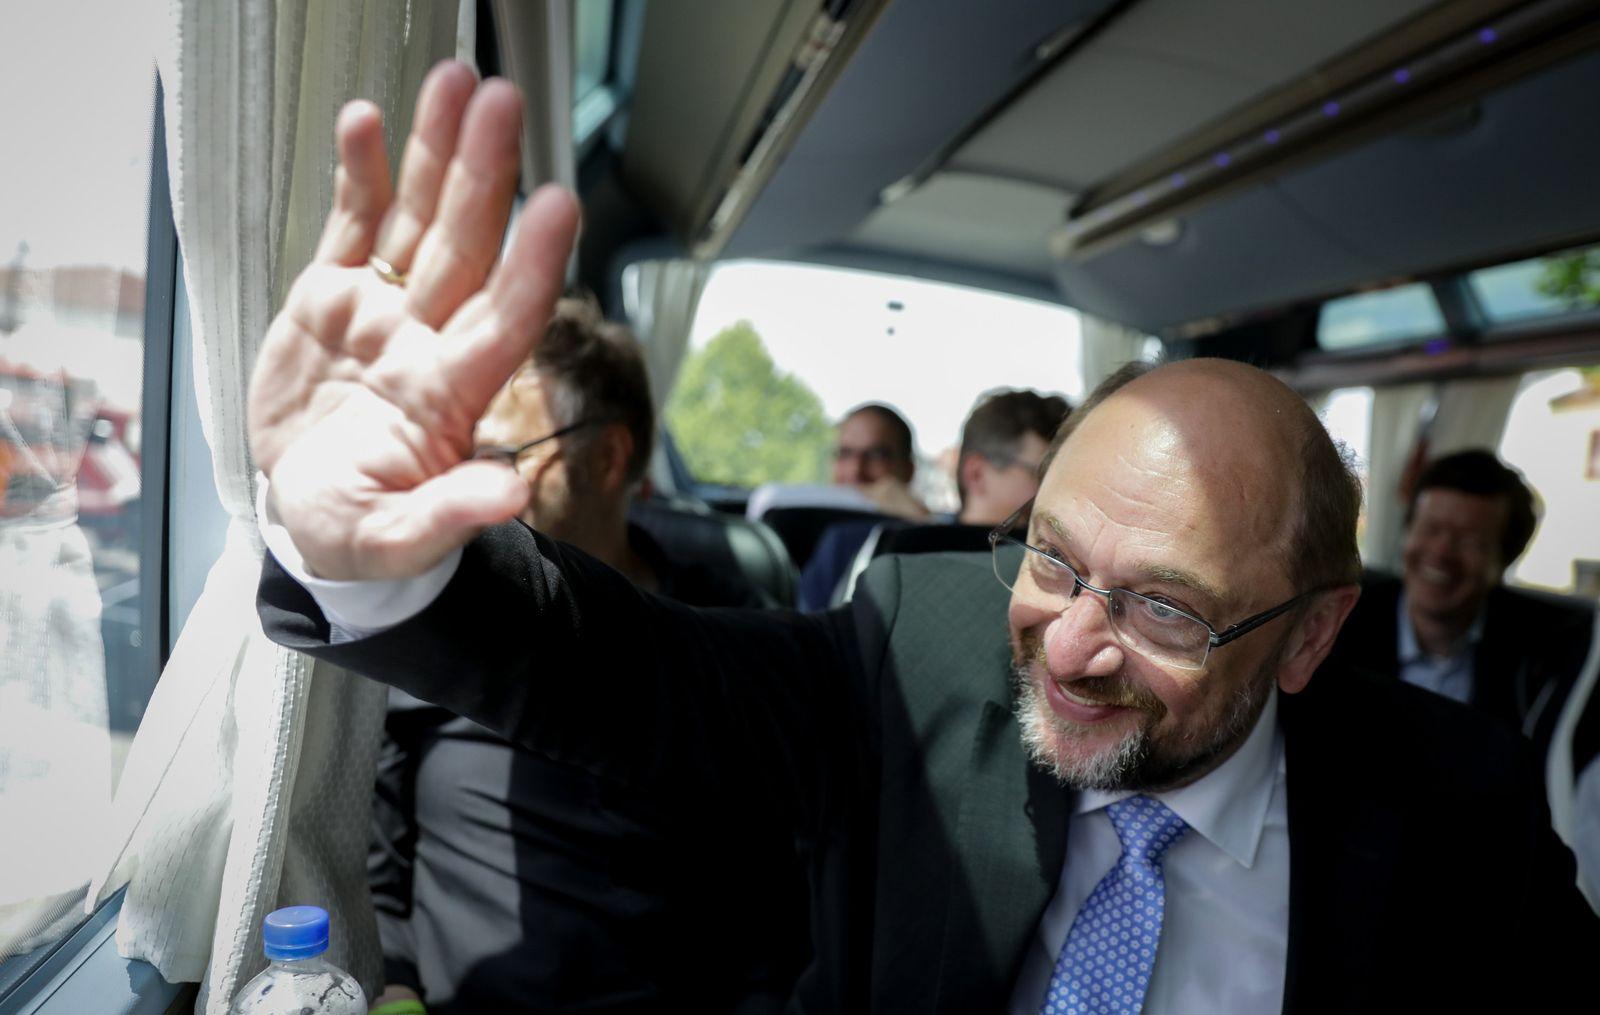 Sommerreise von SPD-Kanzlerkandidat Martin Schulz nach Bayern